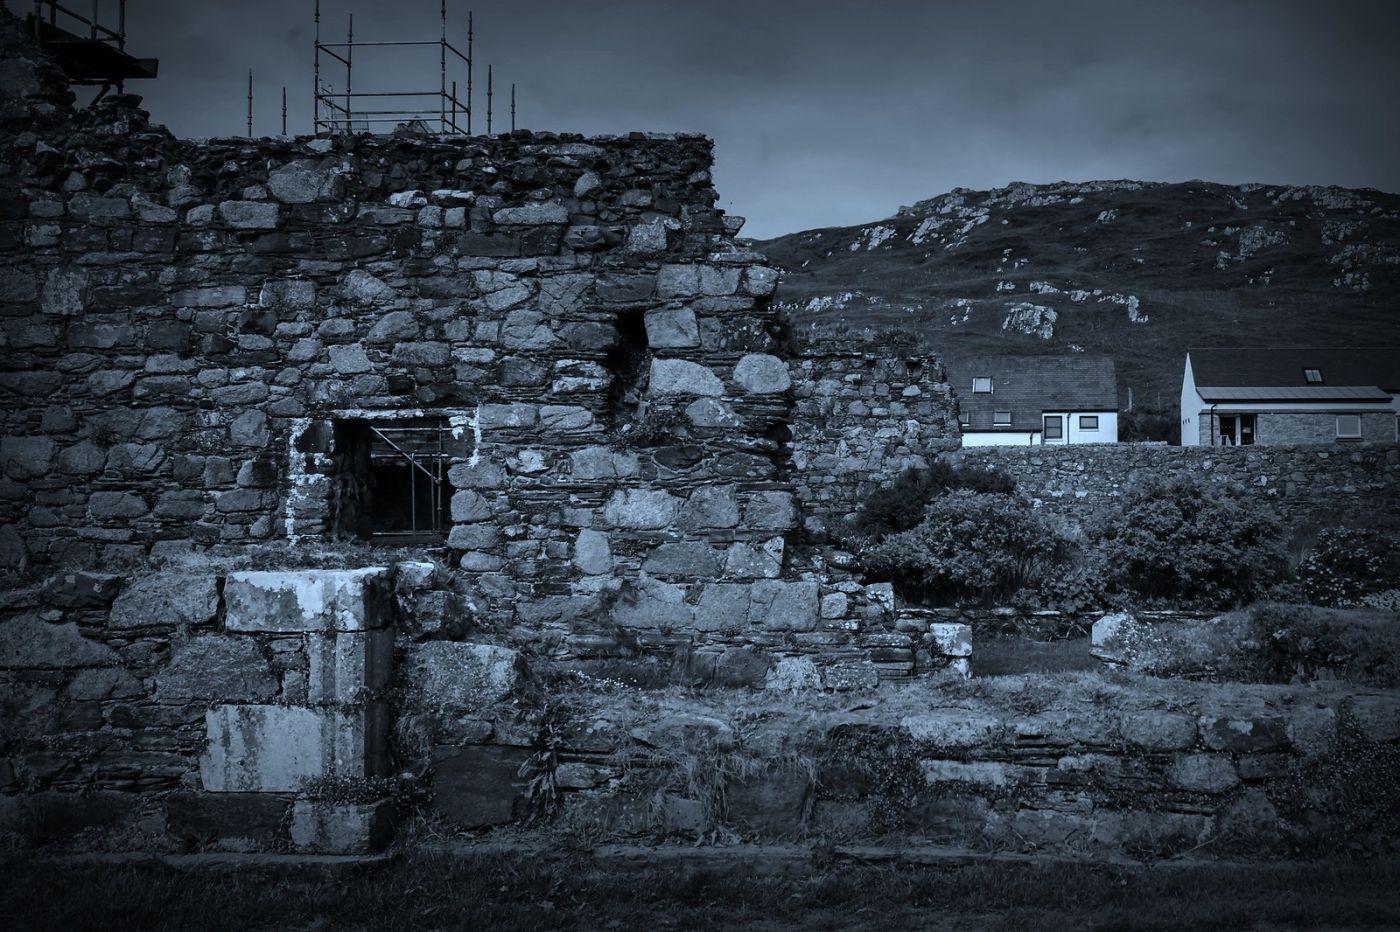 苏格兰圣奥兰教堂(St Oran's Chapel),千年古迹_图1-29